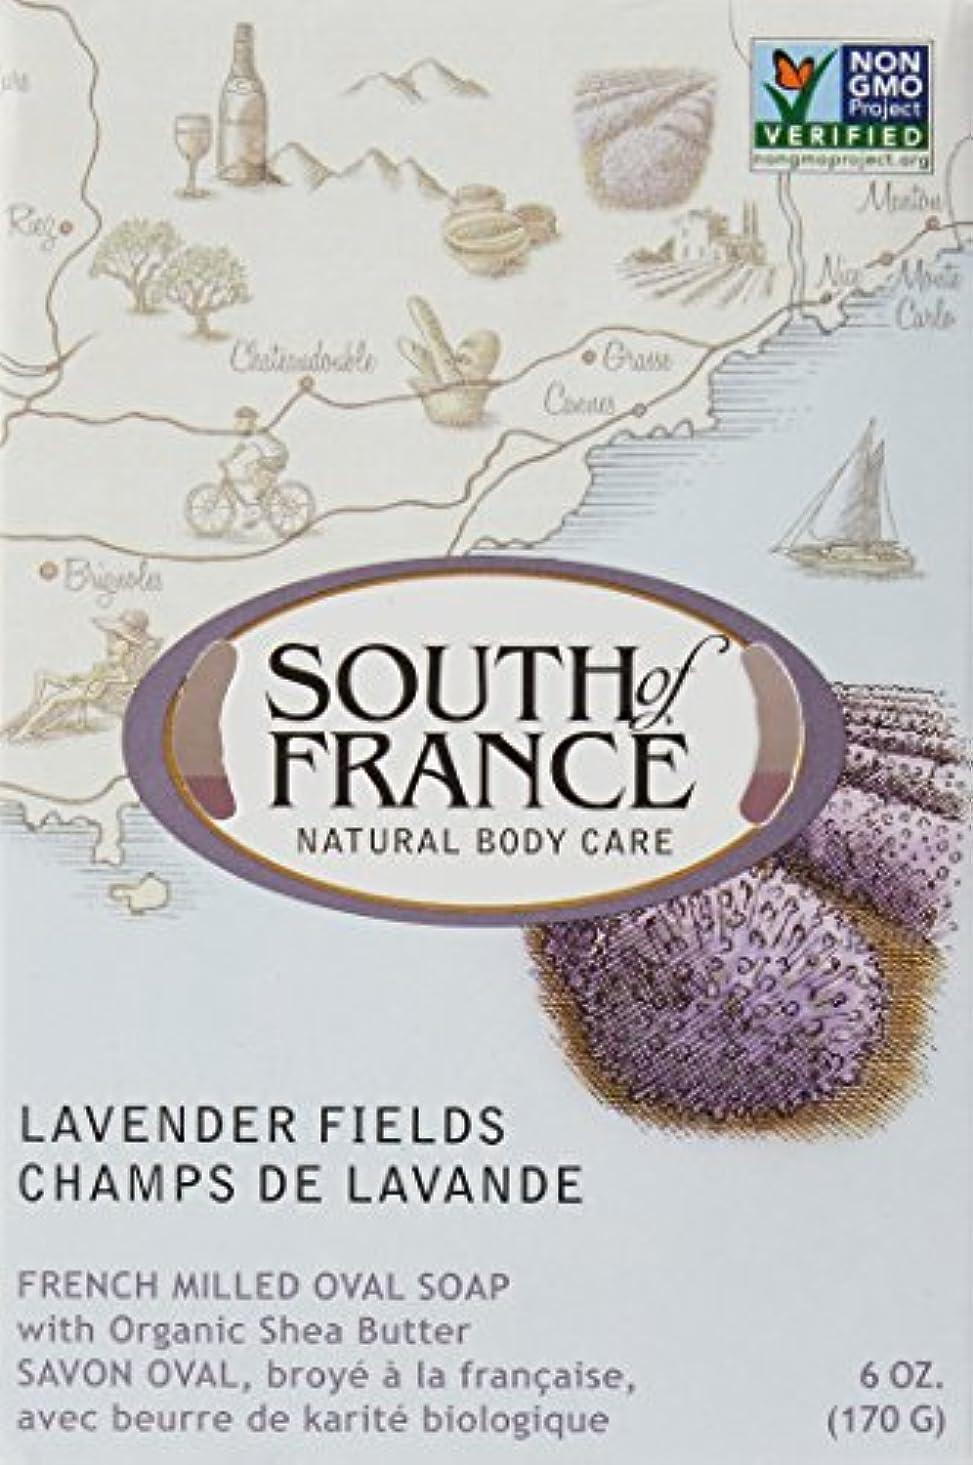 ゴネリル一生排出South of France - フランスの製粉された野菜棒石鹸のラベンダーは守備につく - 6ポンド